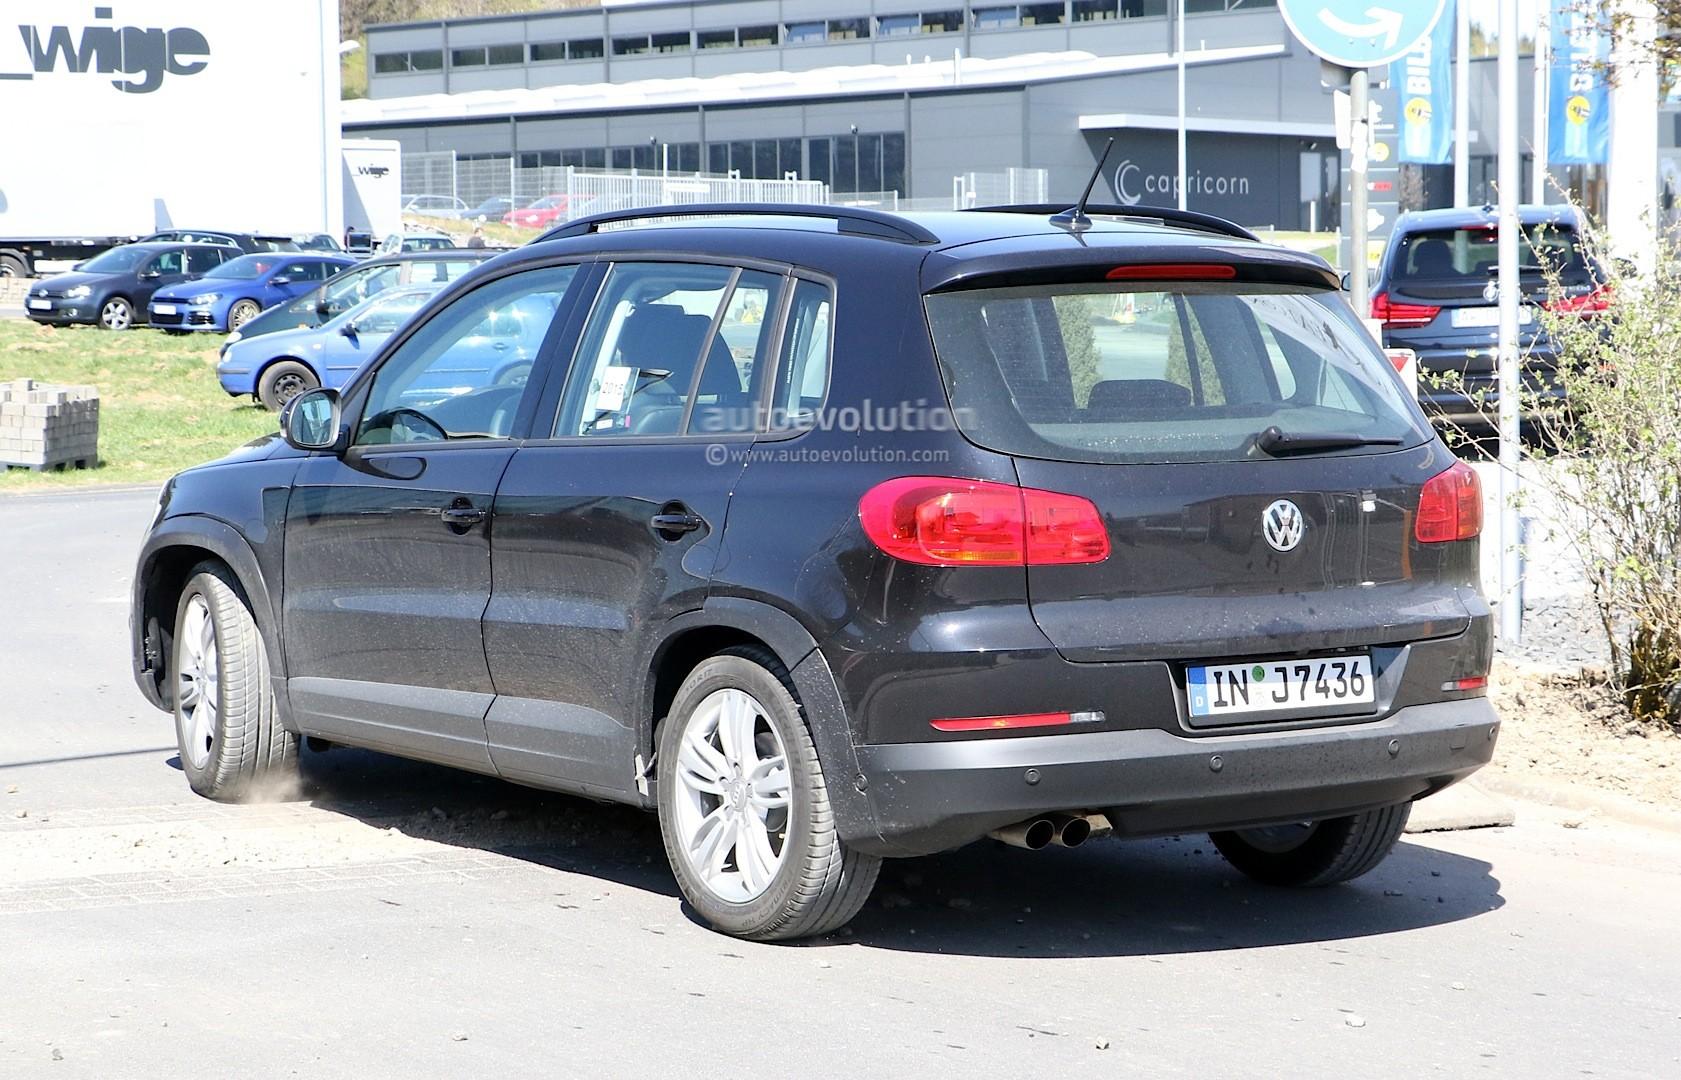 2016 - [Audi] Q2 - Page 6 Spyshots-audi-q1-test-mule-hides-under-volkswagen-tiguan-disguise_6